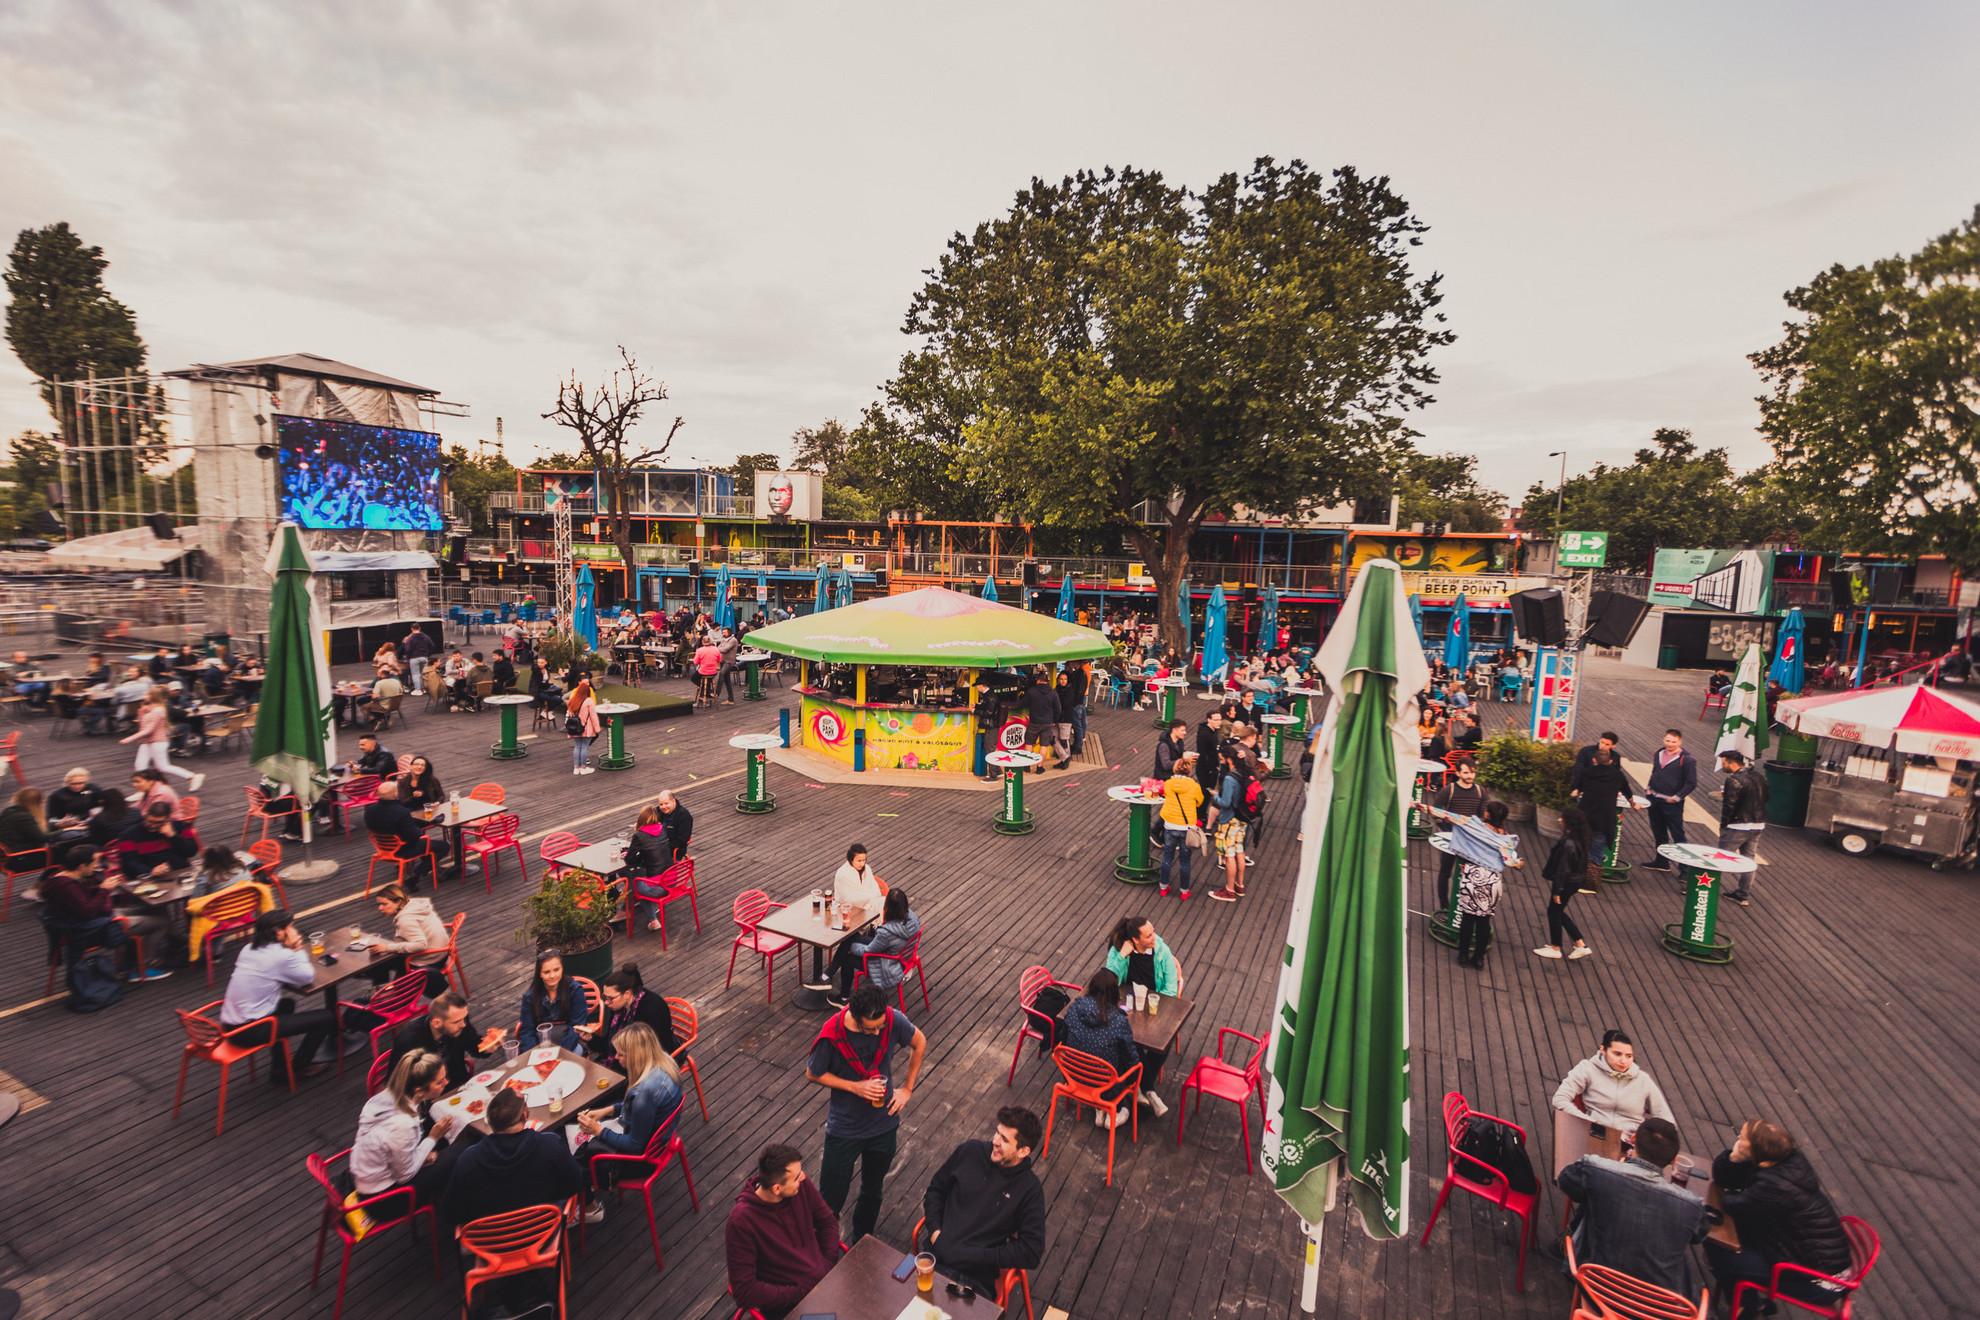 A Parkkert volt a Park idei nagy újítása a biztonságos szórakozás jegyében